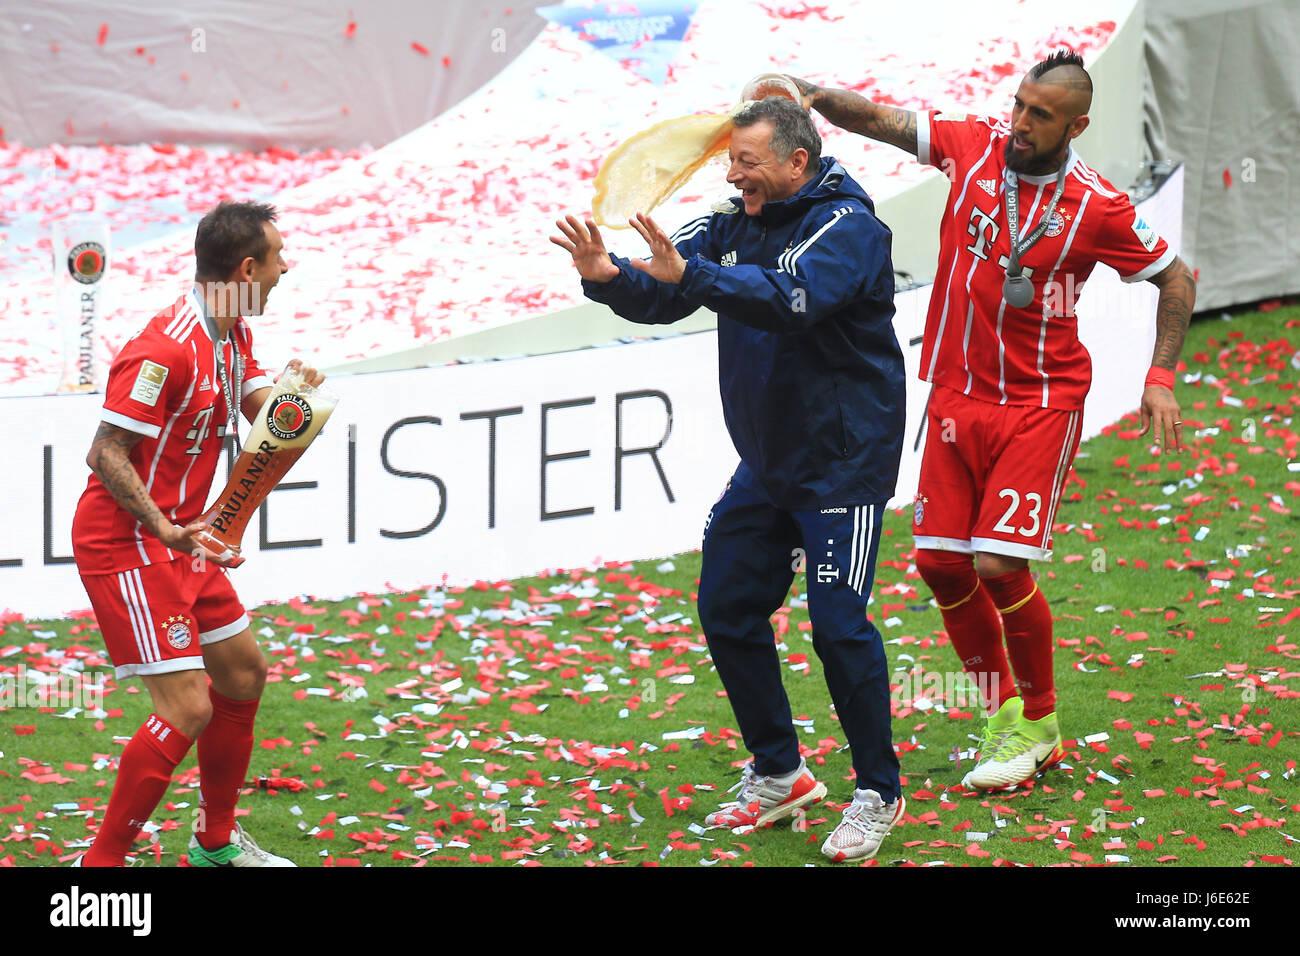 20.05.2017, Fussball 1.Bundesliga 2016/2017, 34.Spieltag, FC Bayern München - SC Freiburg, in der Allianz-Arena München.  li: Rafinha (FC Bayern München), re: Arturo Vidal (FC Bayern München) ,mitte: Gianni Biancchi (Bayern) Photo: Cronos/MIS Stock Photo